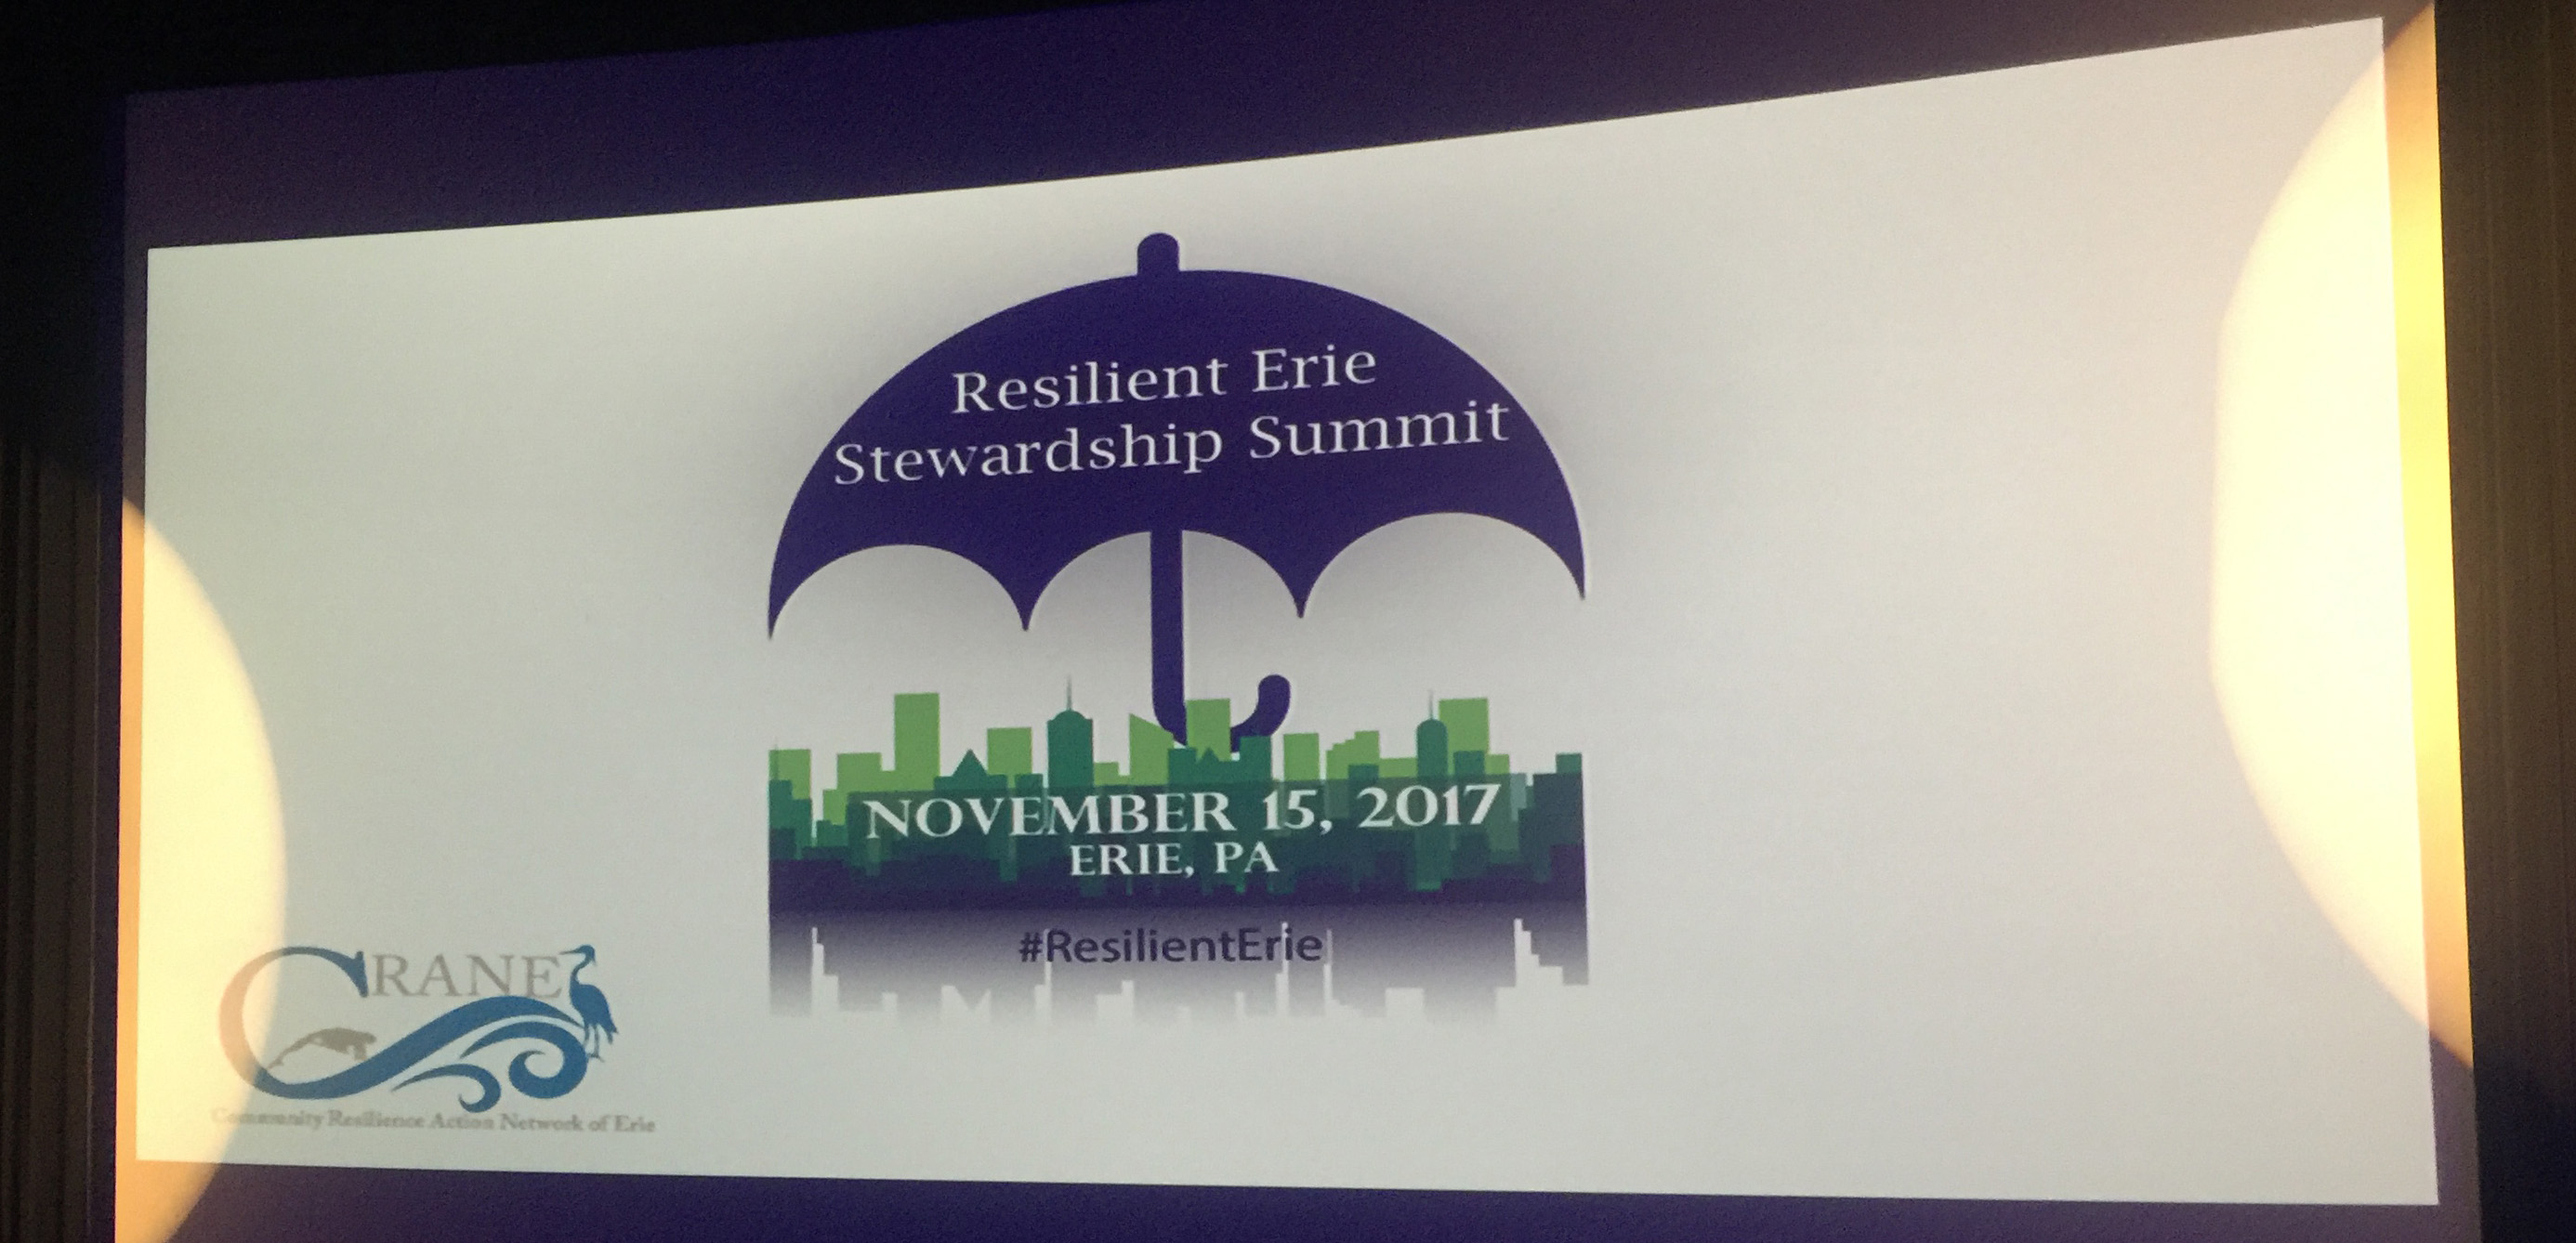 Resilient erie stewardship summit graphic